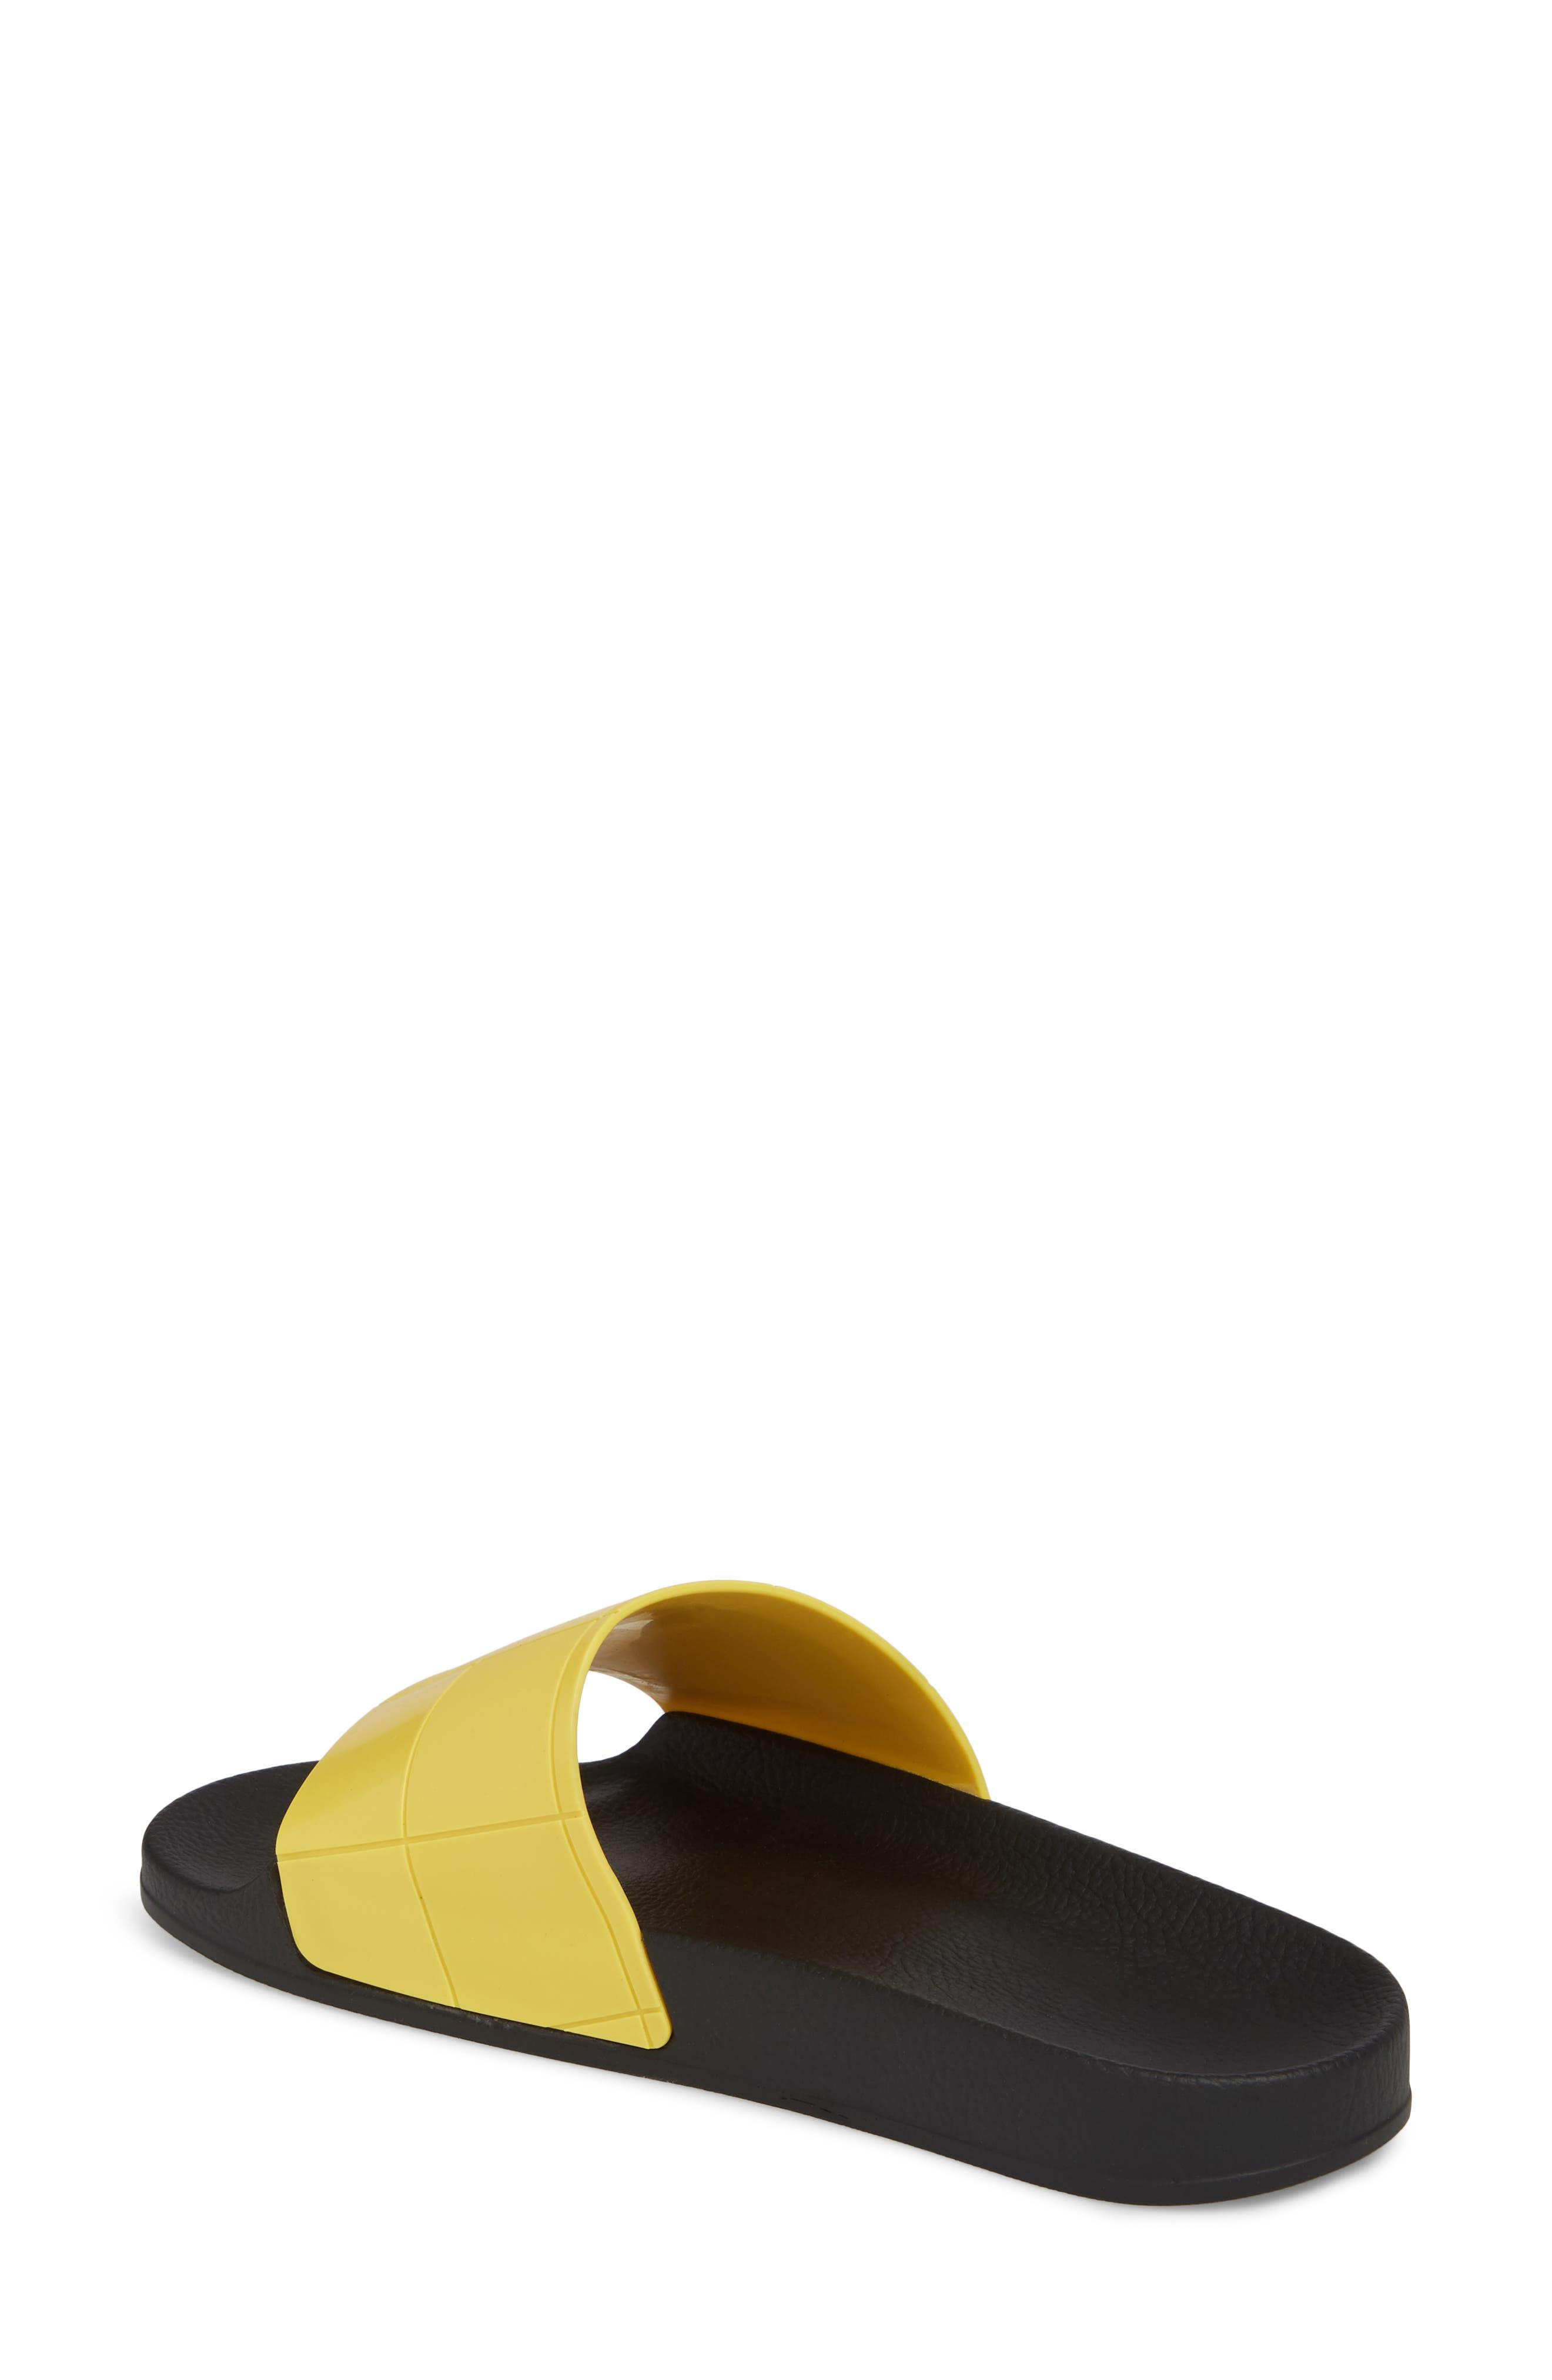 adidas by Raf Simons Adilette Slide Sandal,                             Alternate thumbnail 4, color,